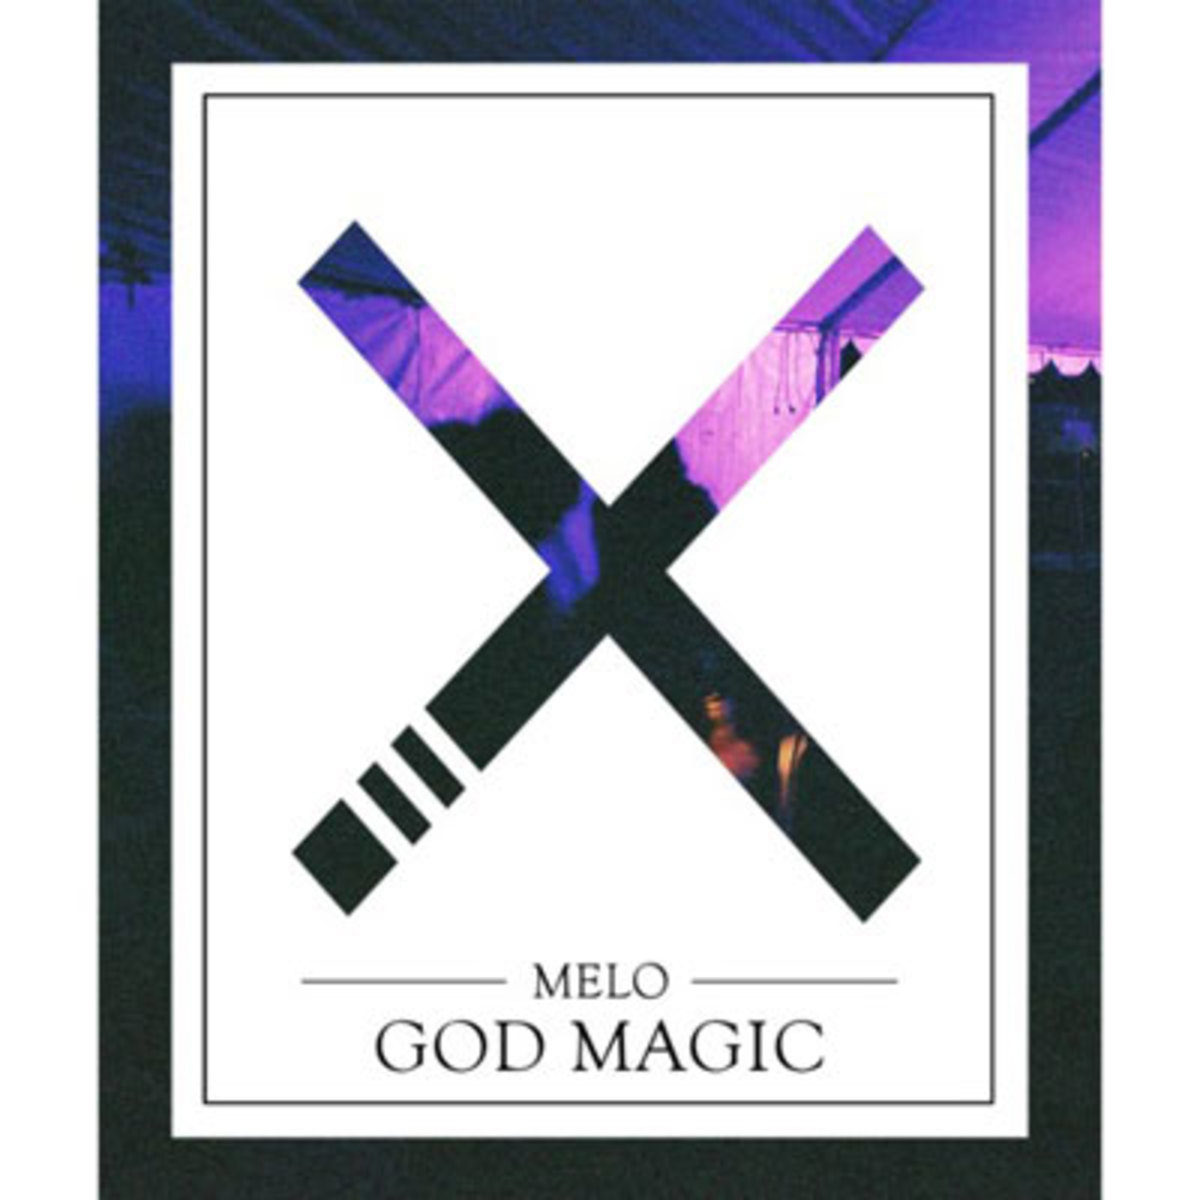 melox-godmagic.jpg